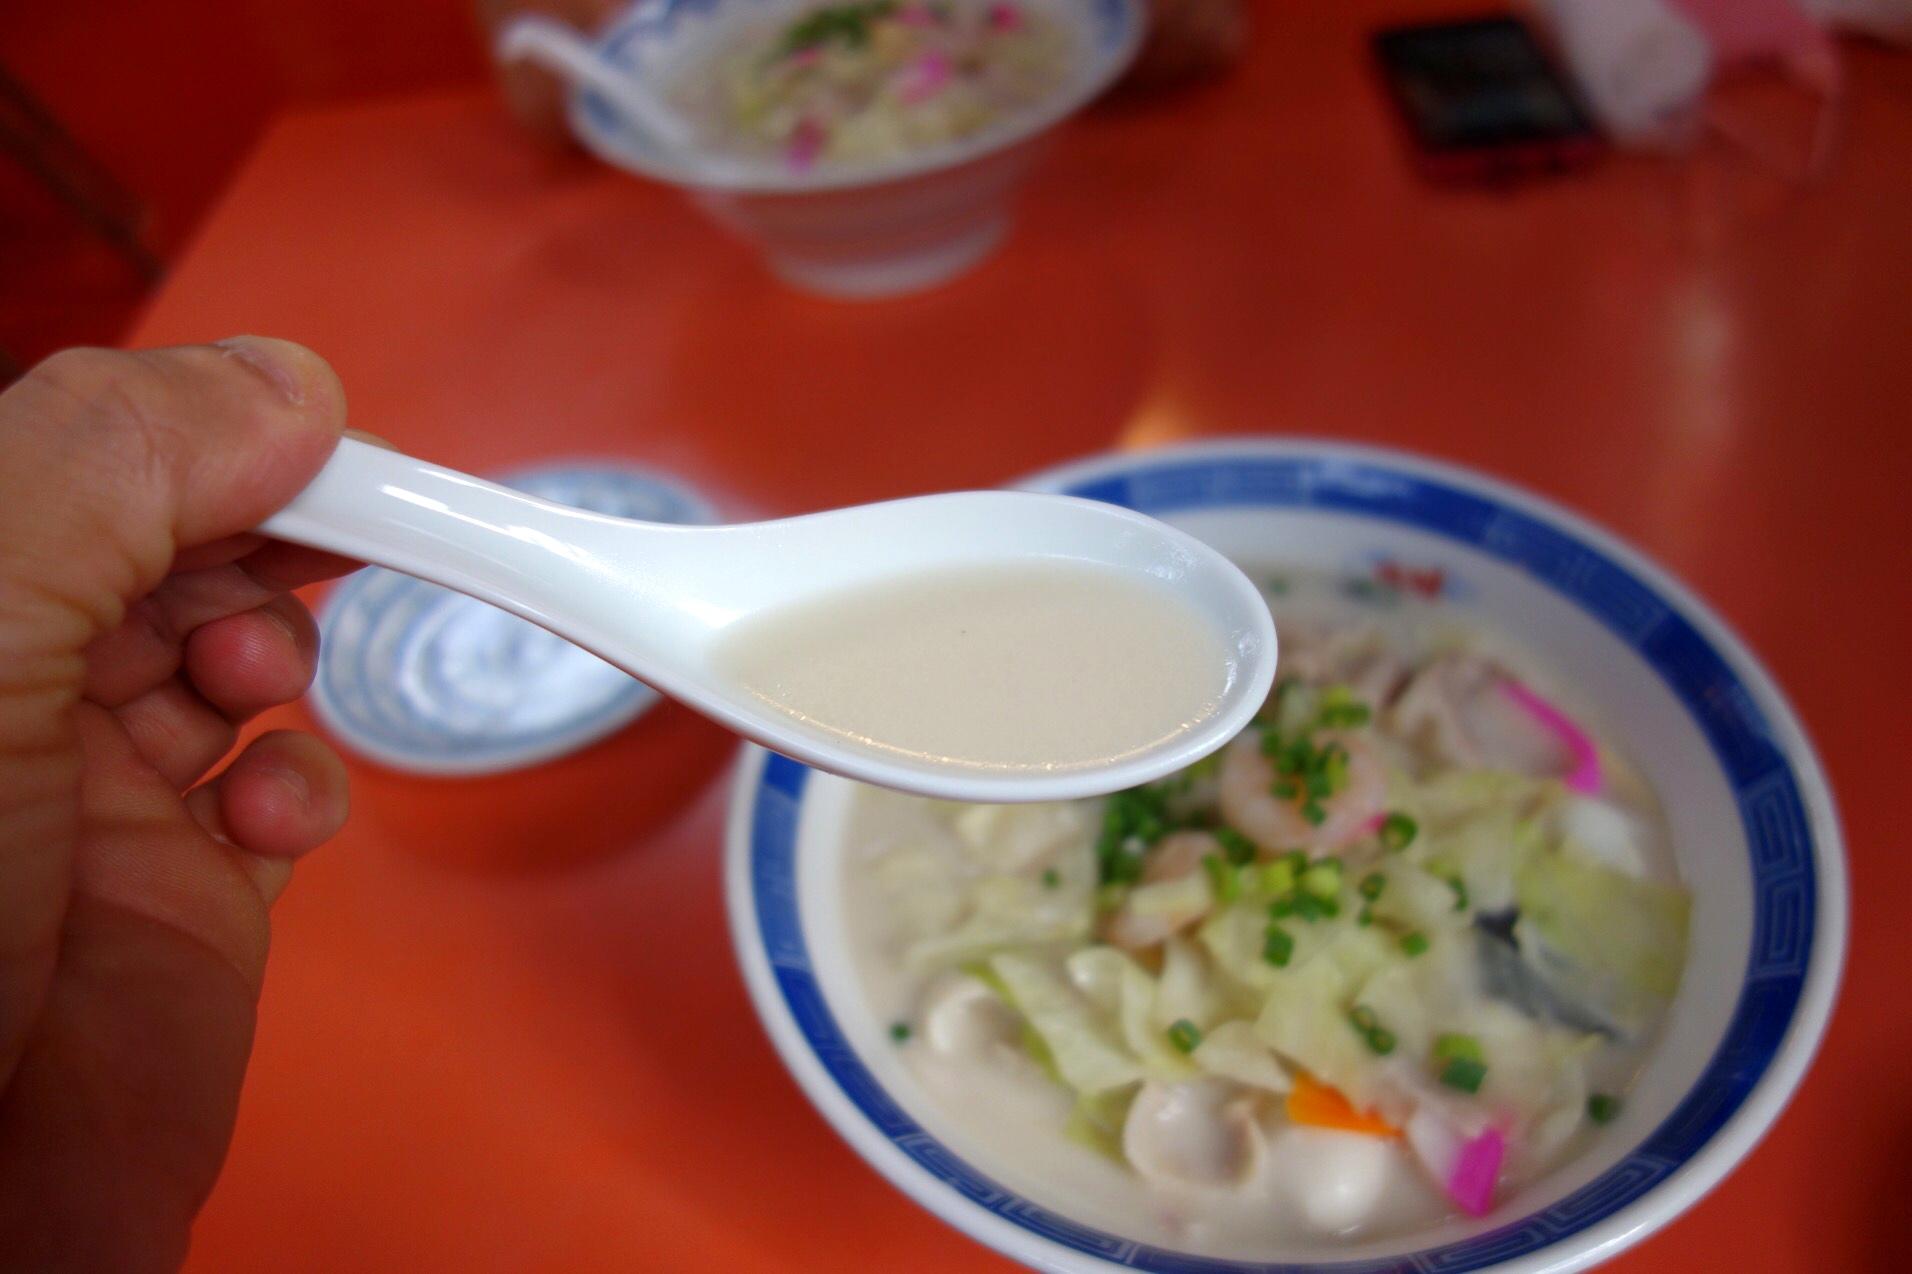 スープは乳化している(撮影:中野龍三)。